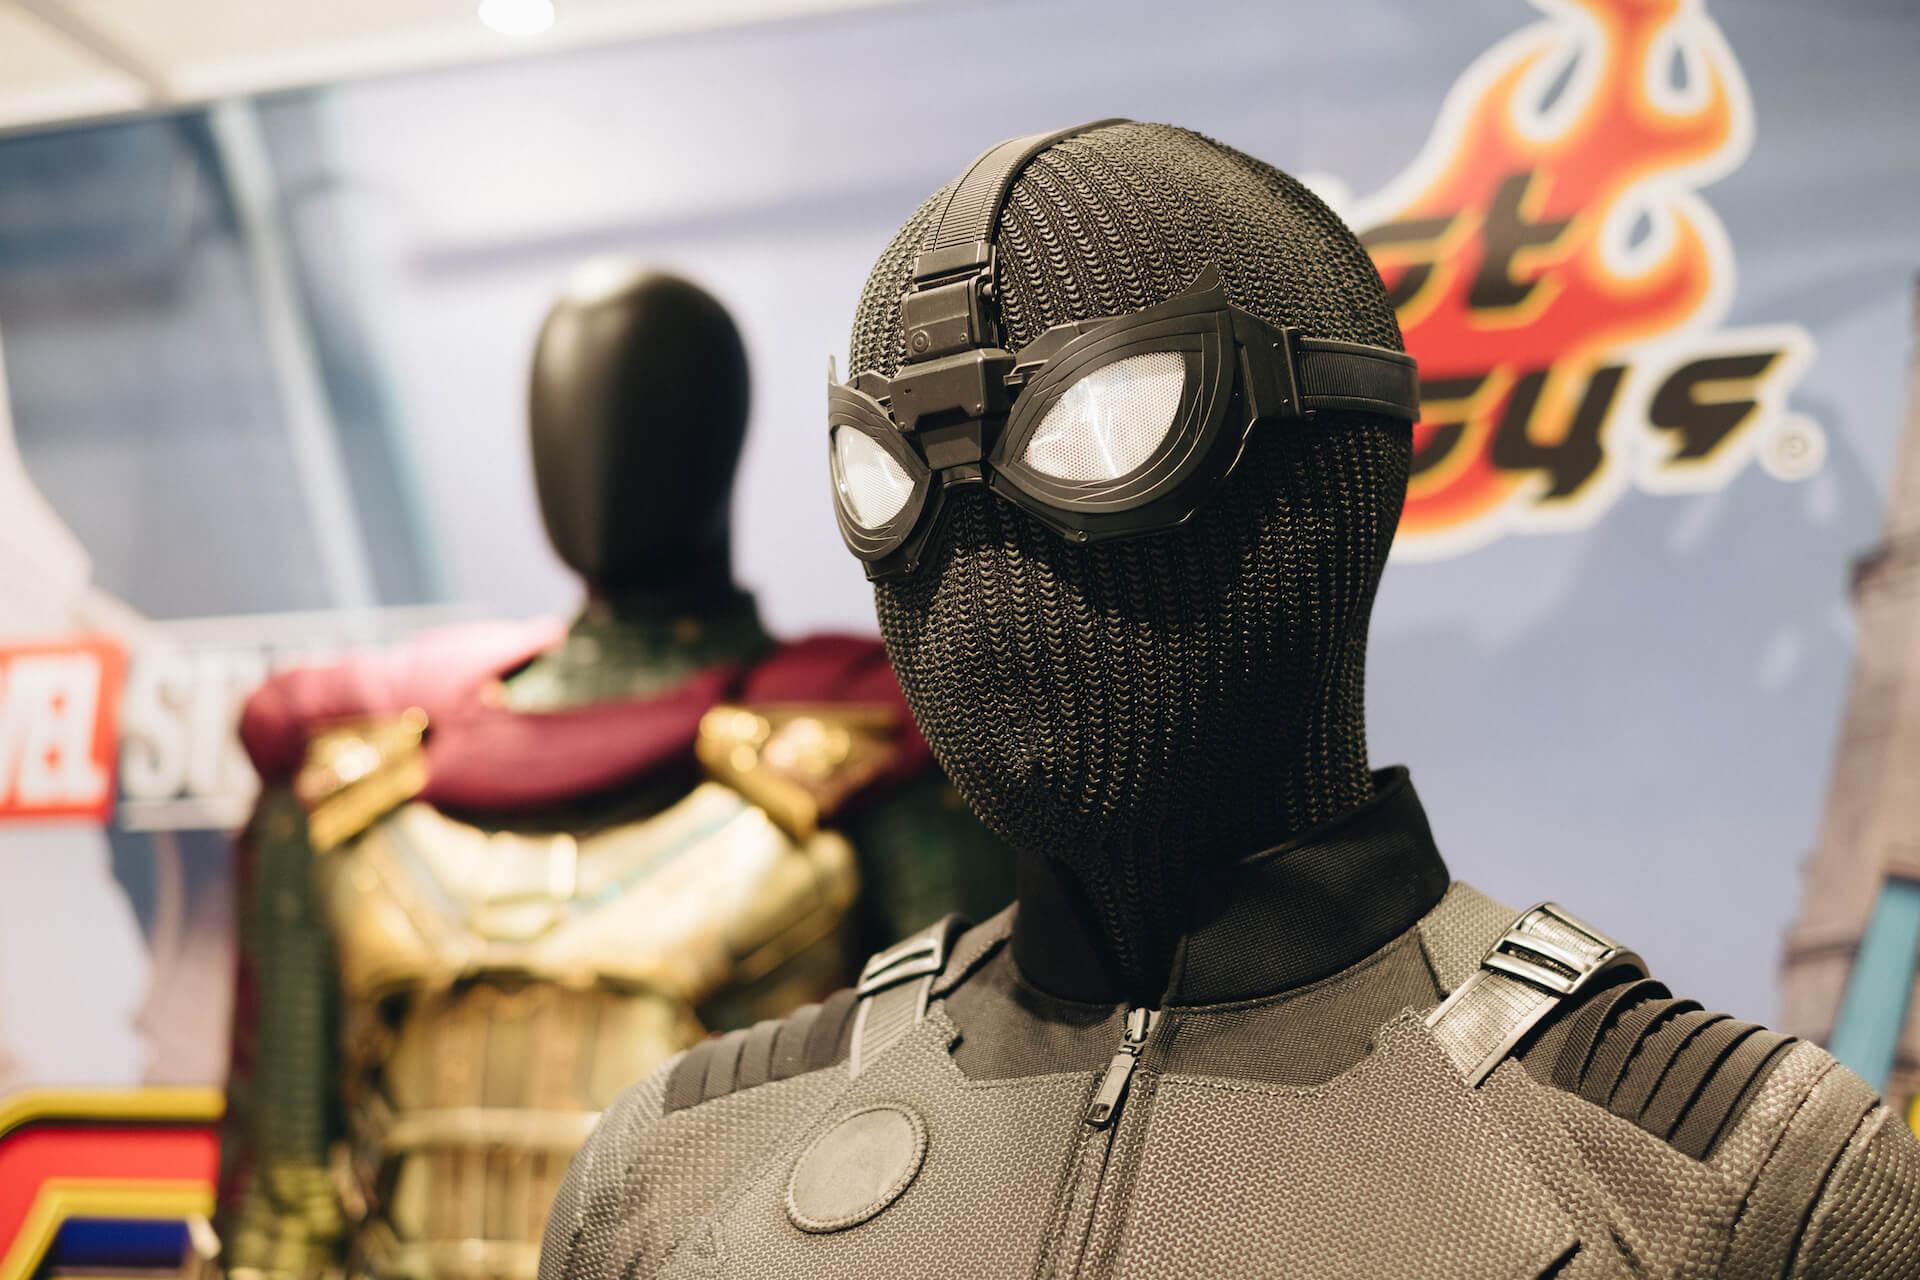 スパイダーマン好きなら目ギラギラ大興奮必至の期間限定ショップ探訪 art-culture-spiderman-store-report-7